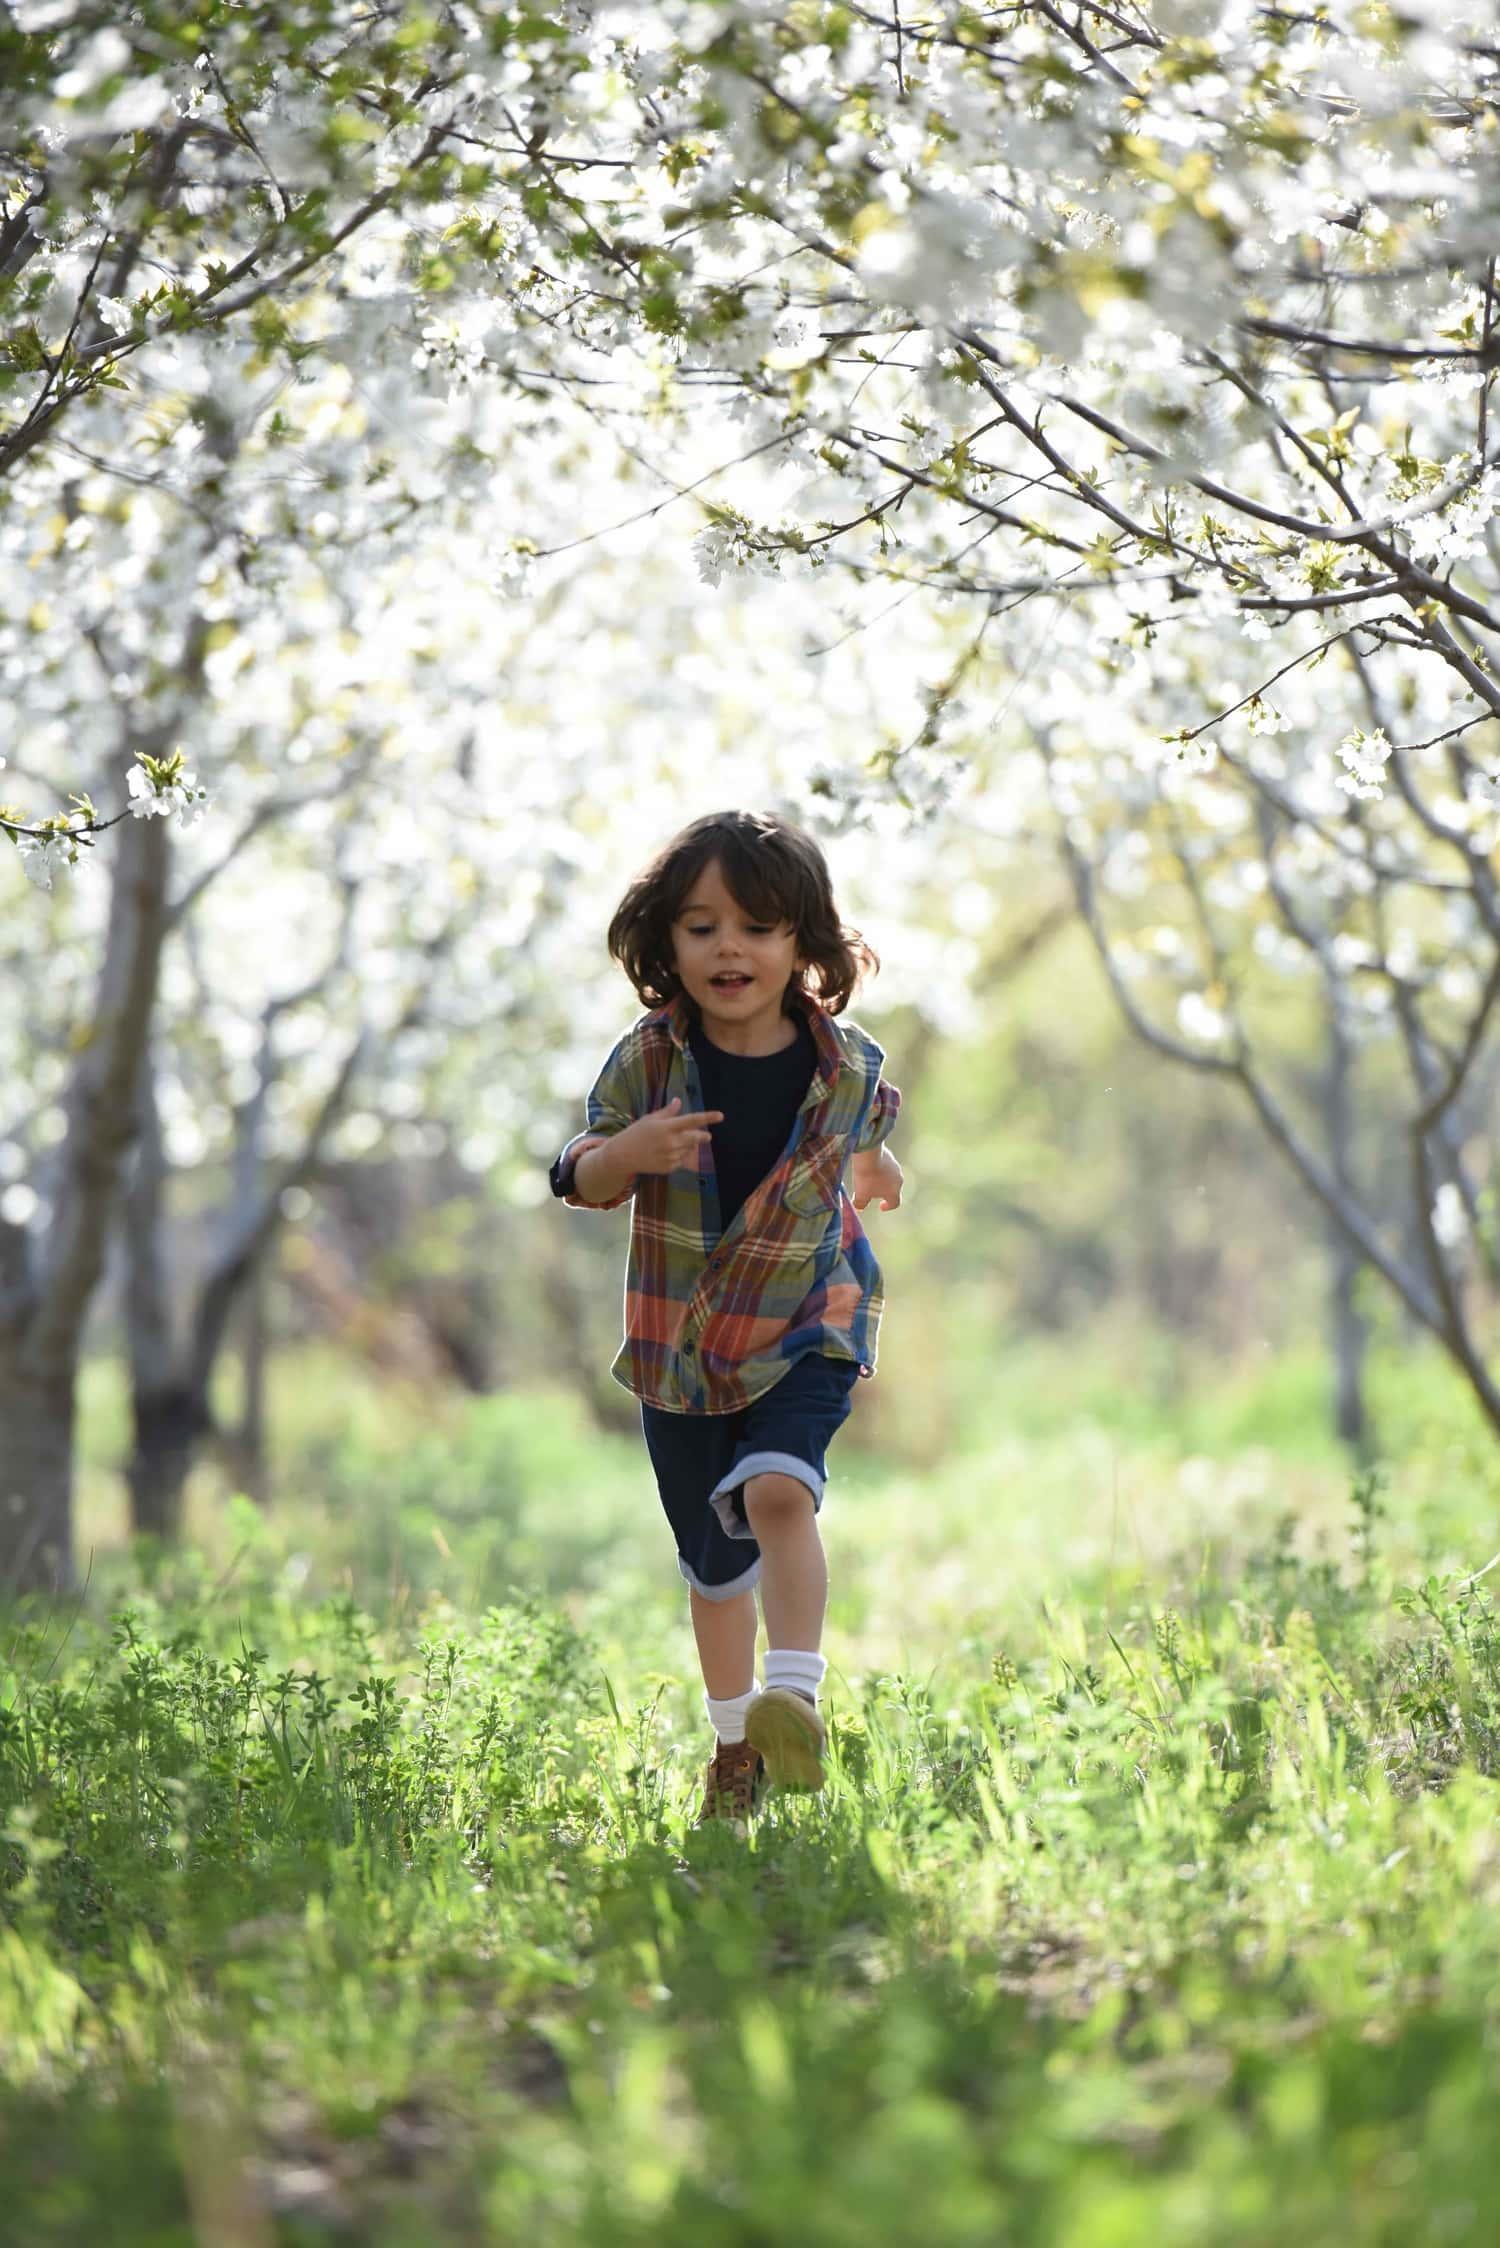 Niño fotografiado en una sesión de exteriores